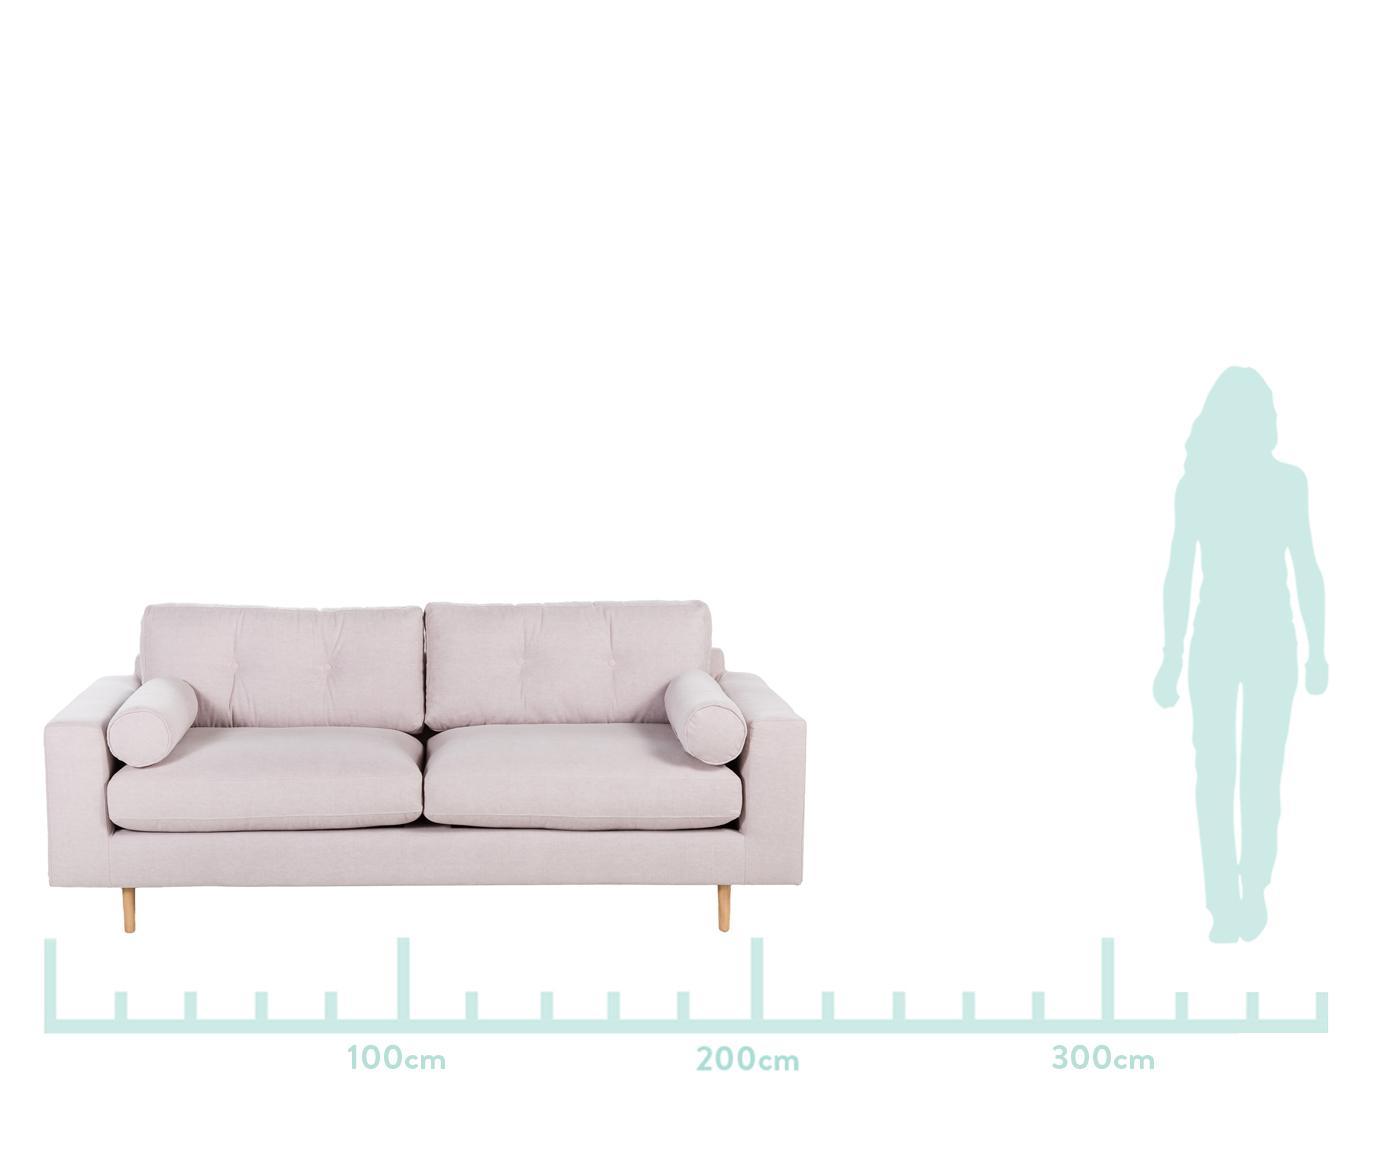 Sofa Biki Retro (3-osobowa), Tapicerka: 60%bawełna, 40%len 250, Nogi: drewno dębowe, lite, olej, Jasny różowy, S 214 x G 90 cm